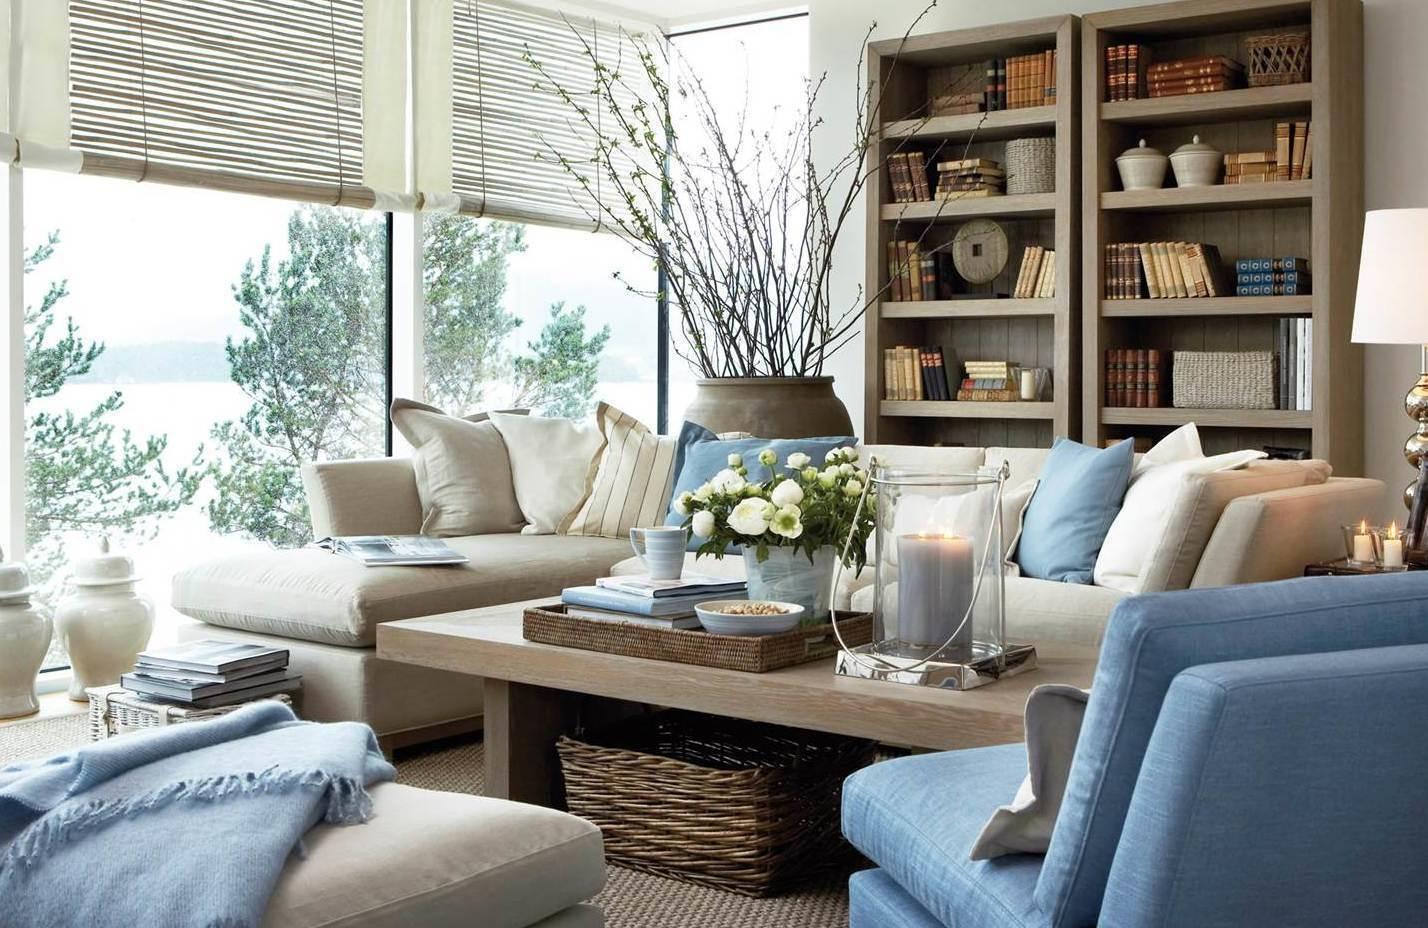 Дизайн комнаты как красиво расставить мебель. Как расставить мебель в разных комнатах: советы и инфографика